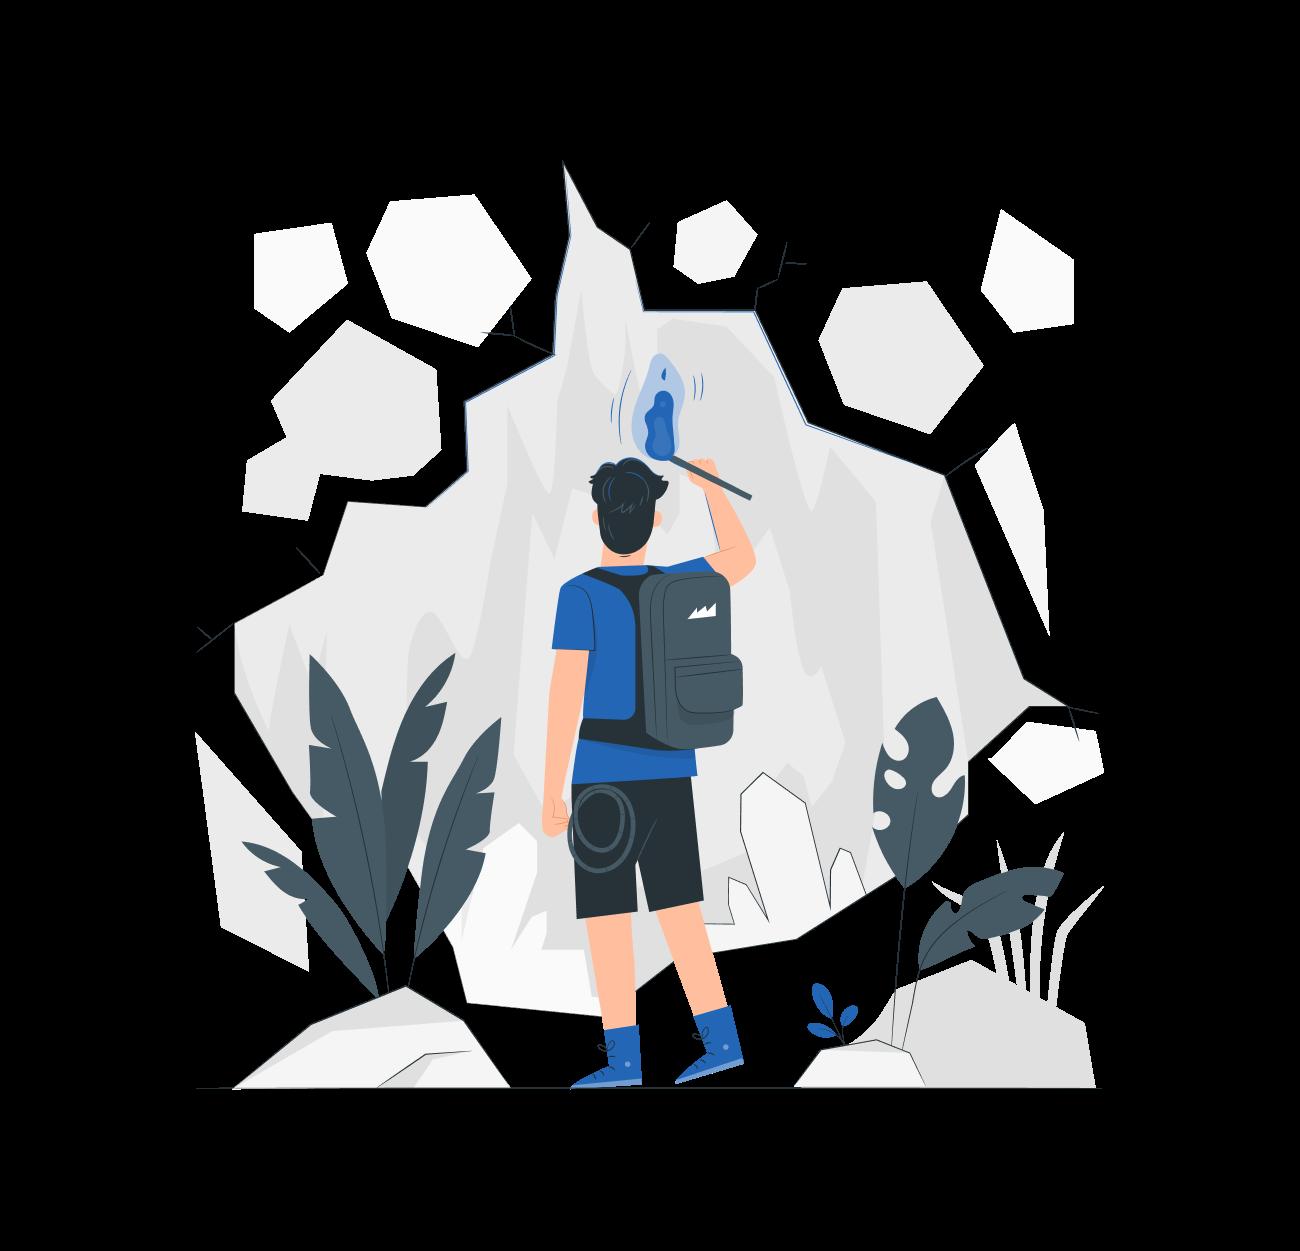 A person exploring a cave